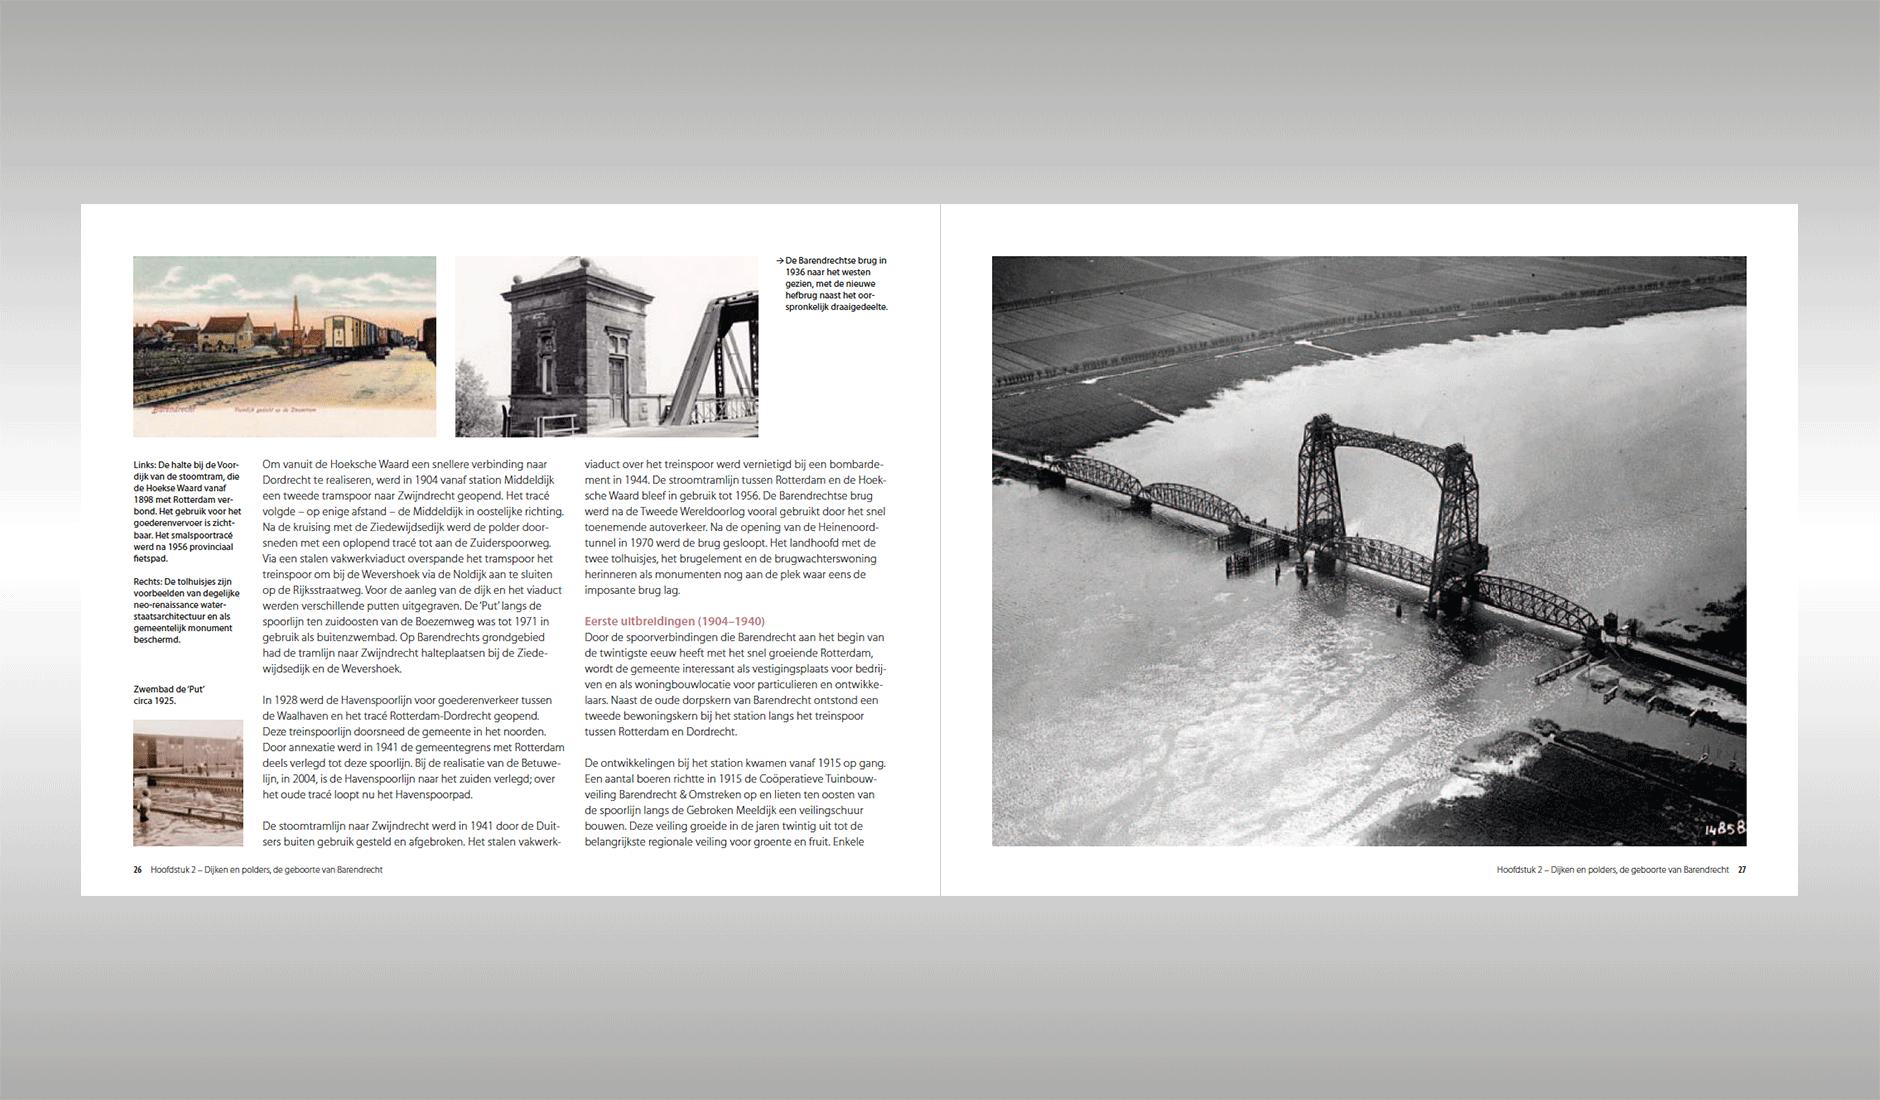 """Ontwerp van een spread uit het hoofdstuk: """"Dijken en polders, de geboorte van Barendrecht"""""""